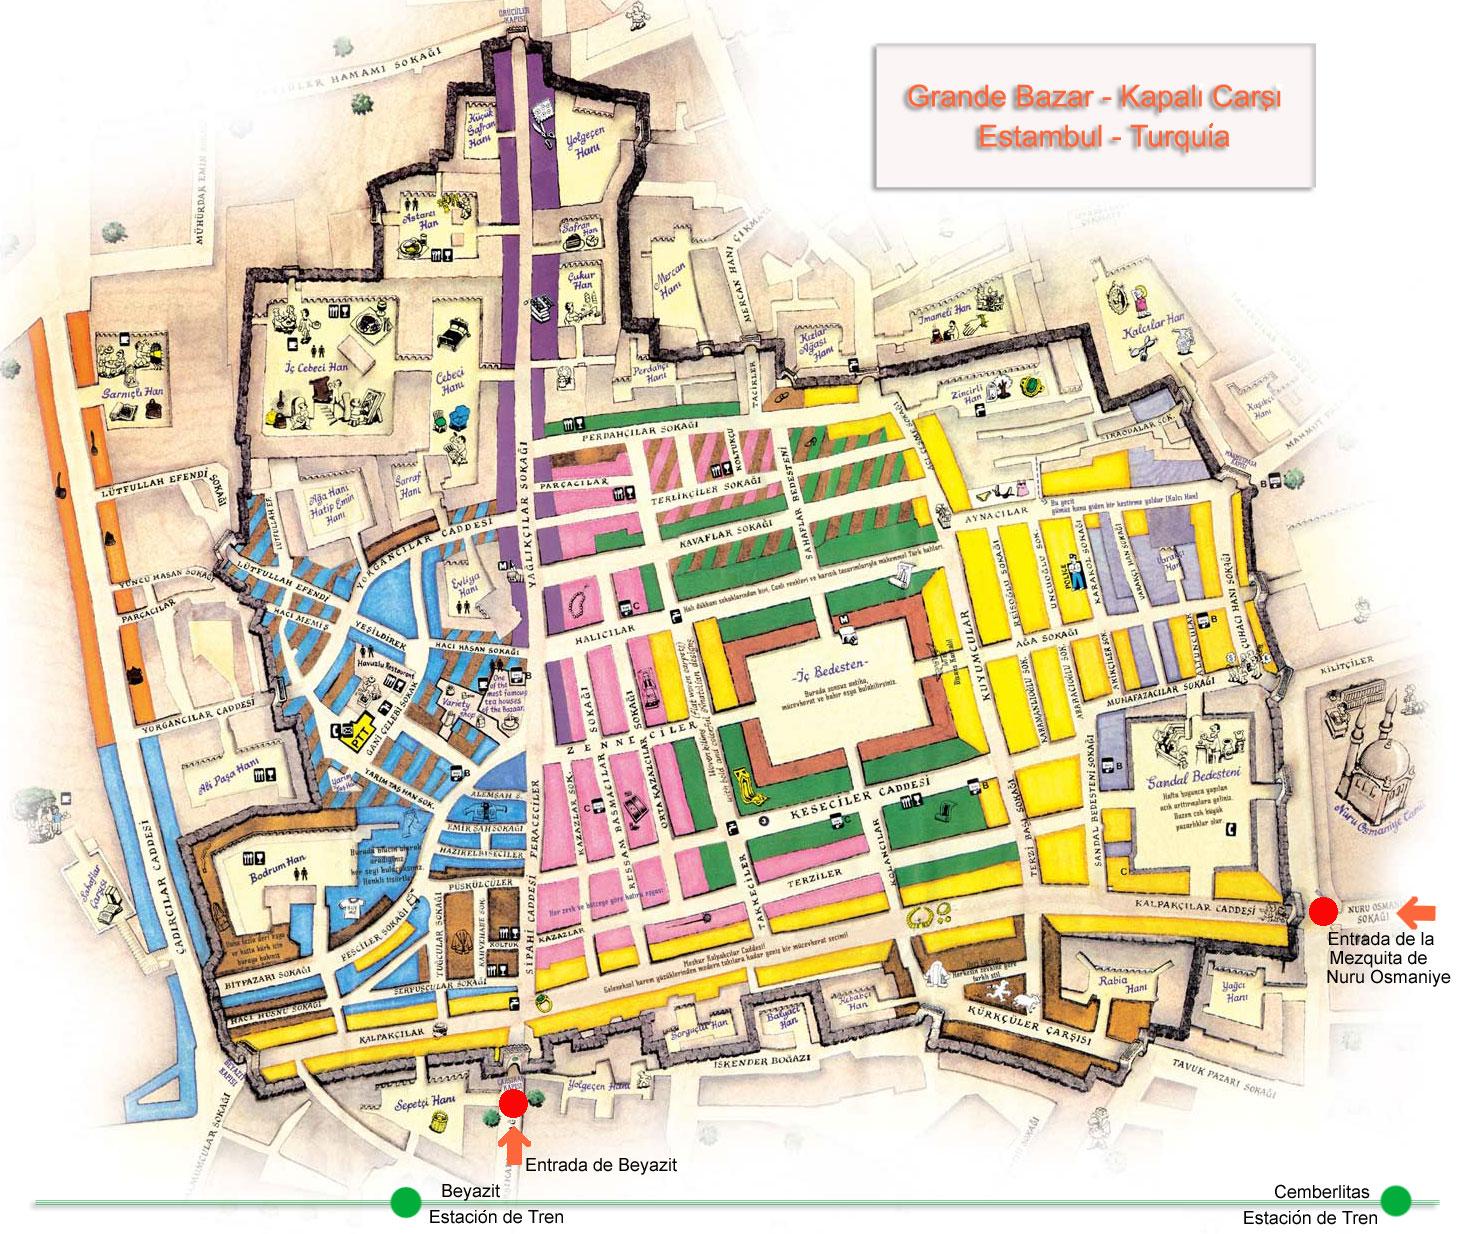 entornos / Turquía y sus huellas: Gran Bazar,… mercado